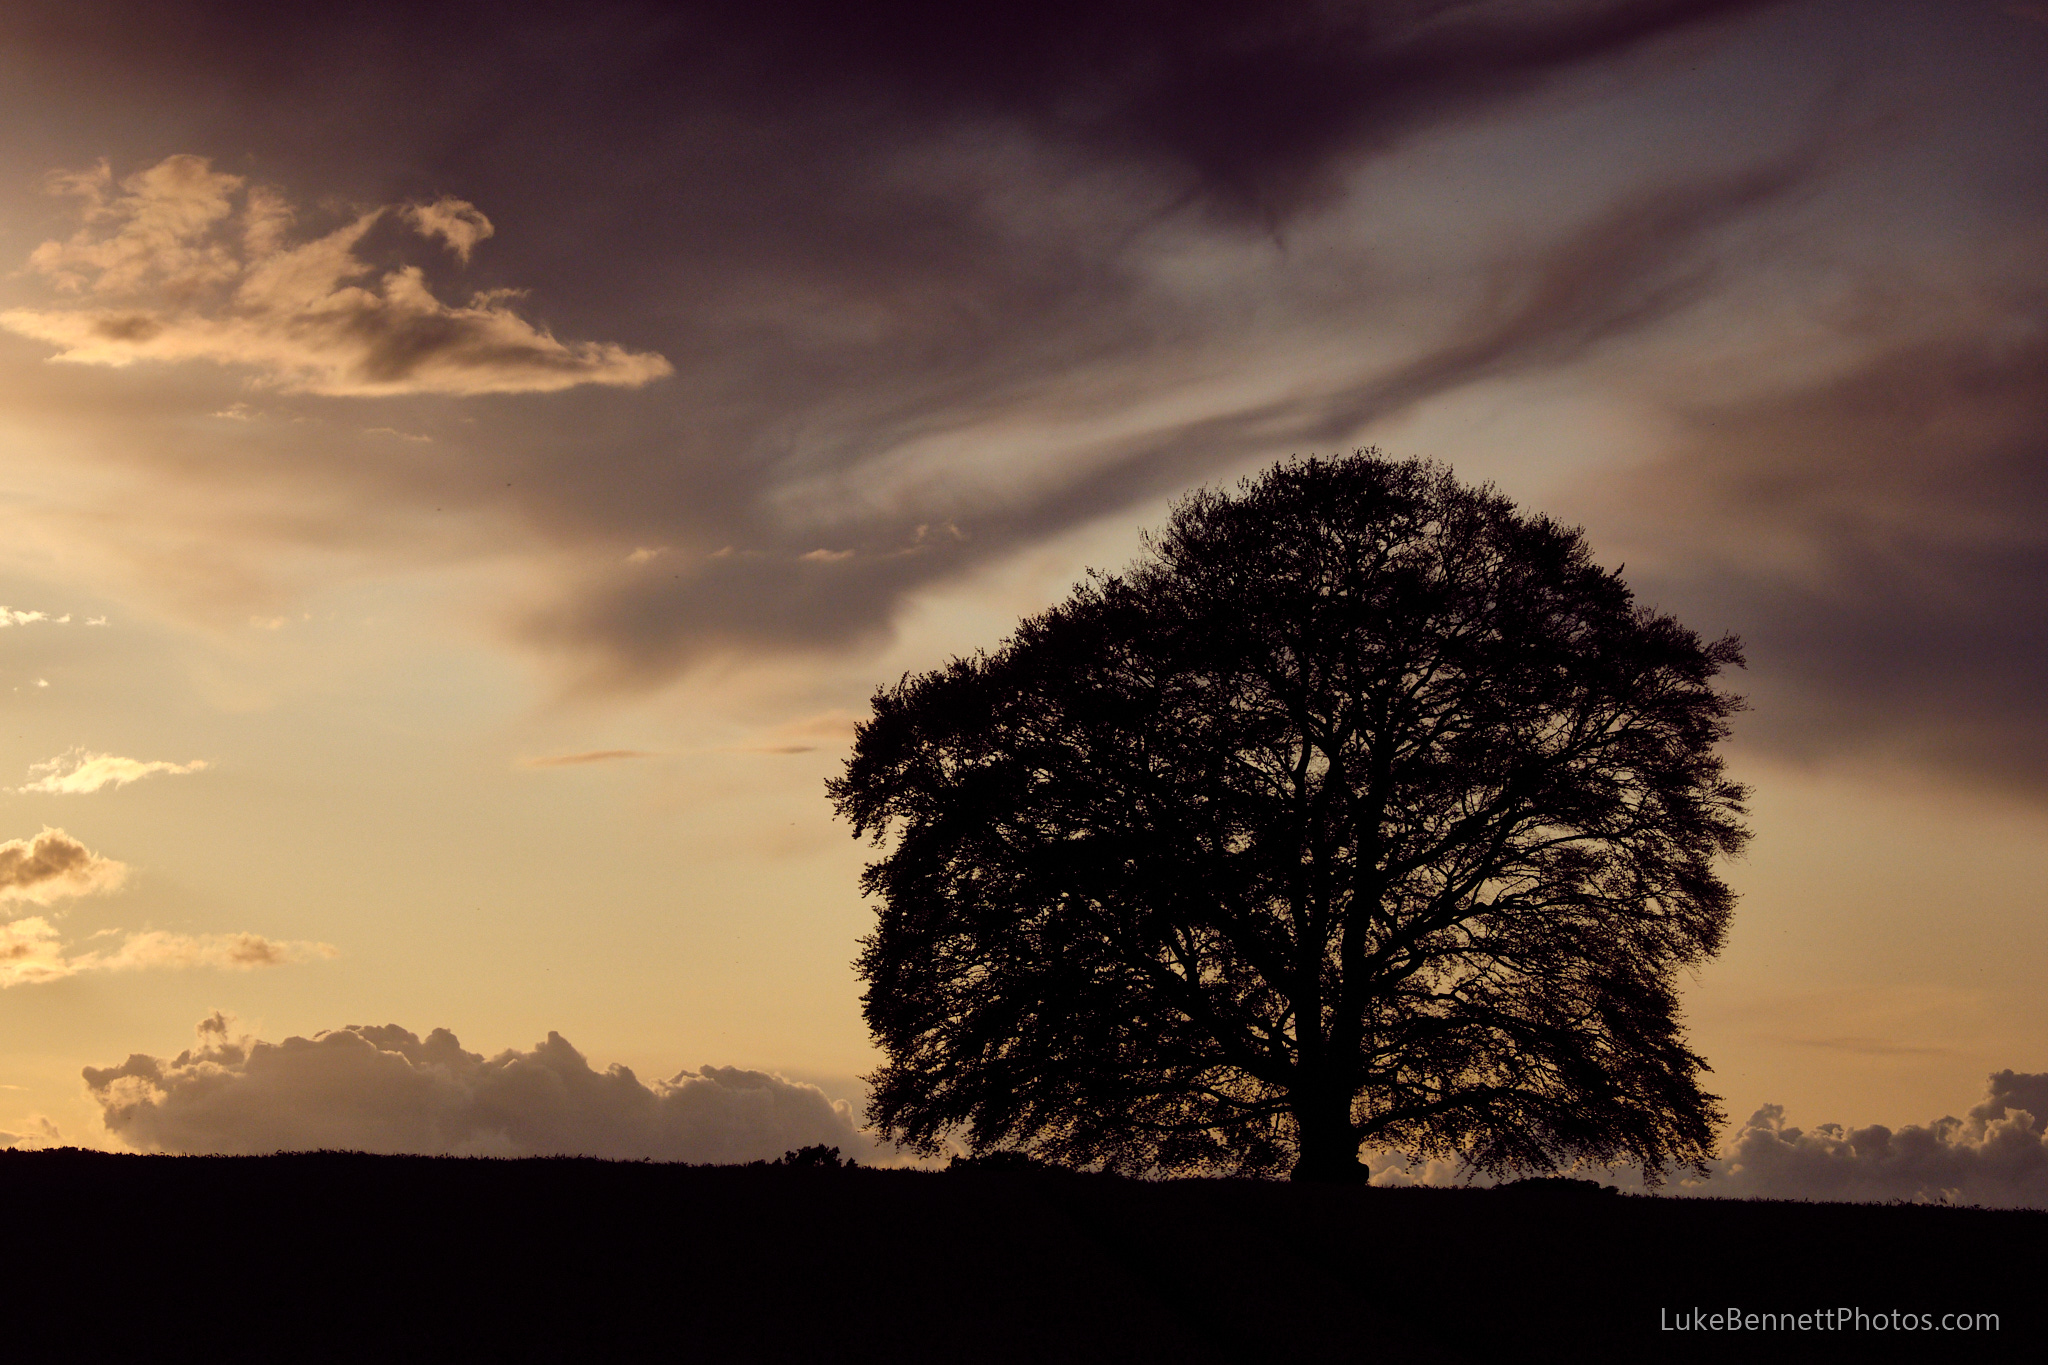 www.lukebennettphotos.com